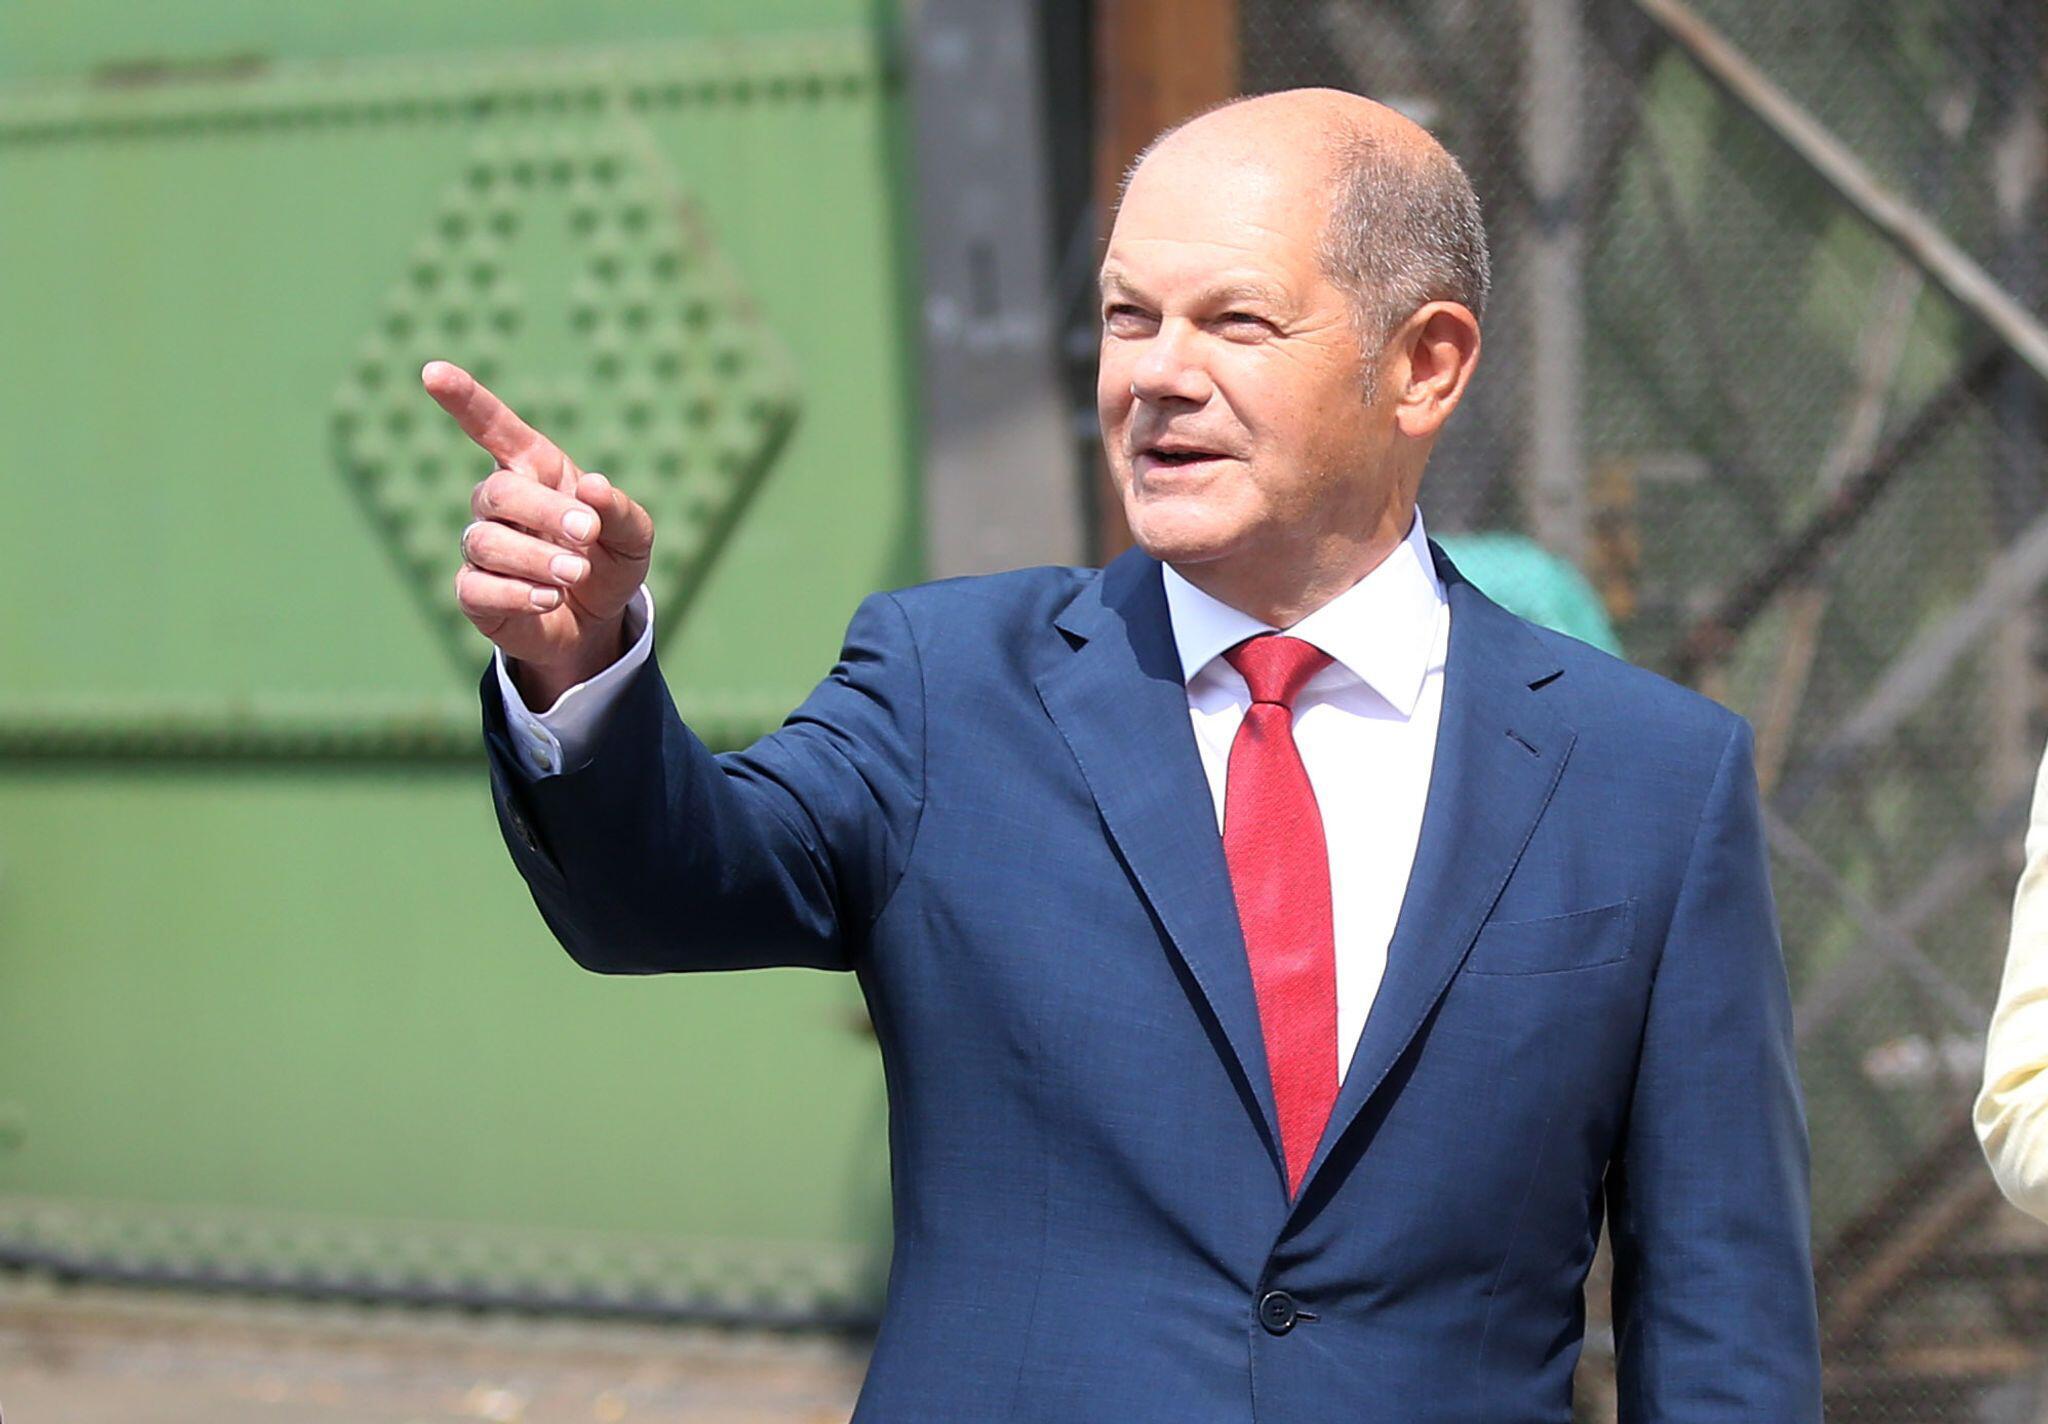 Bild zu SPD macht Vizekanzler Scholz zum Kanzlerkandidaten